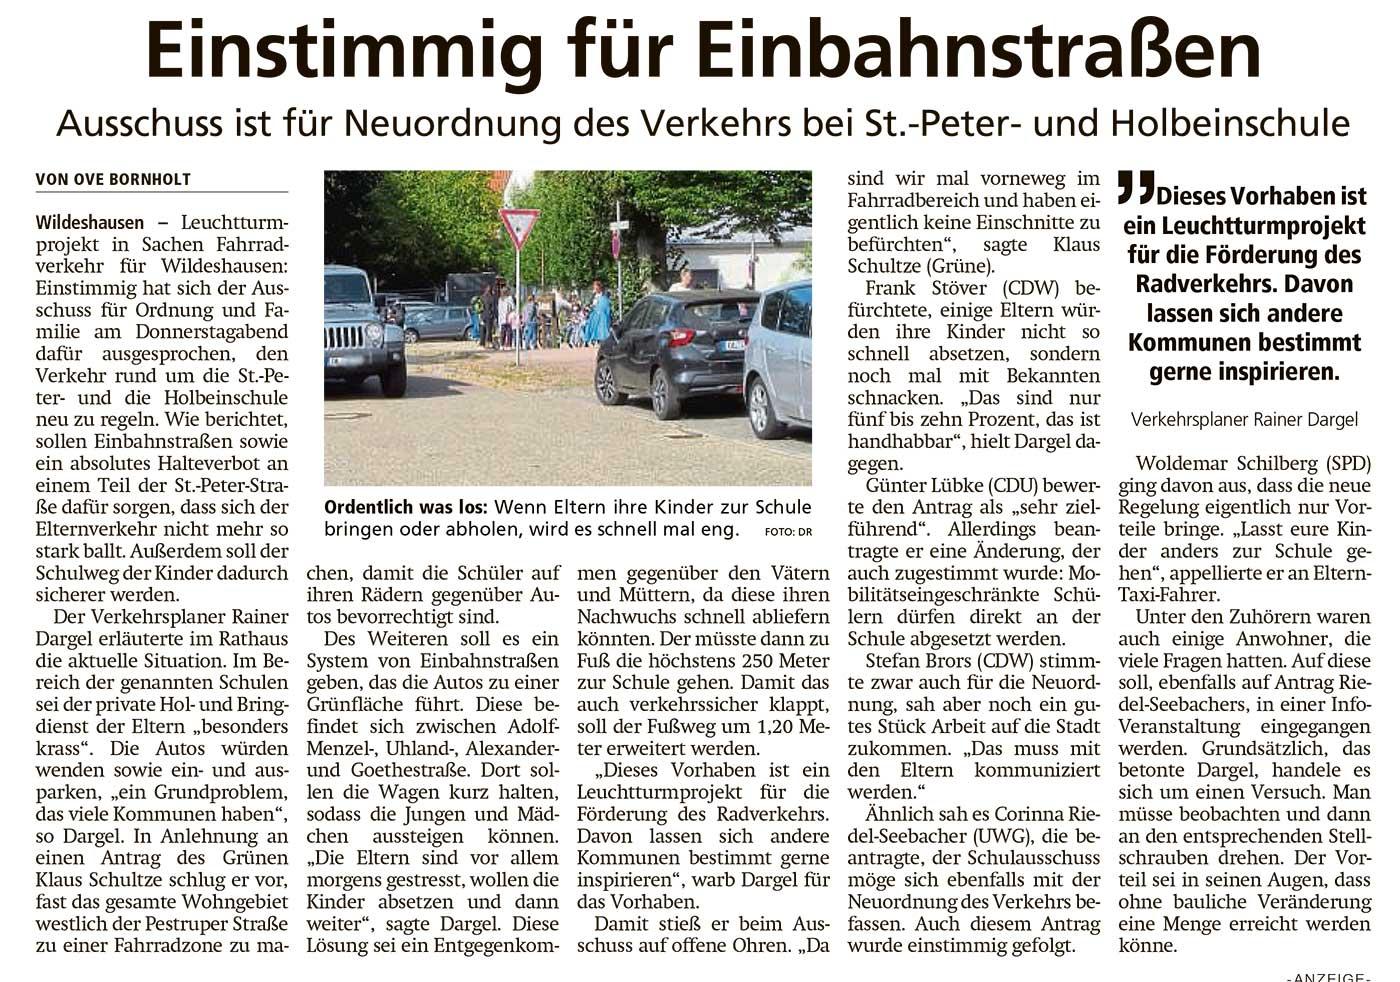 Einstimmig für EinbahnstraßenAusschuss ist für Neuordnung des Verkehrs bei St.-Peter- und HolbeinschuleArtikel vom 25.09.2020 (WZ)